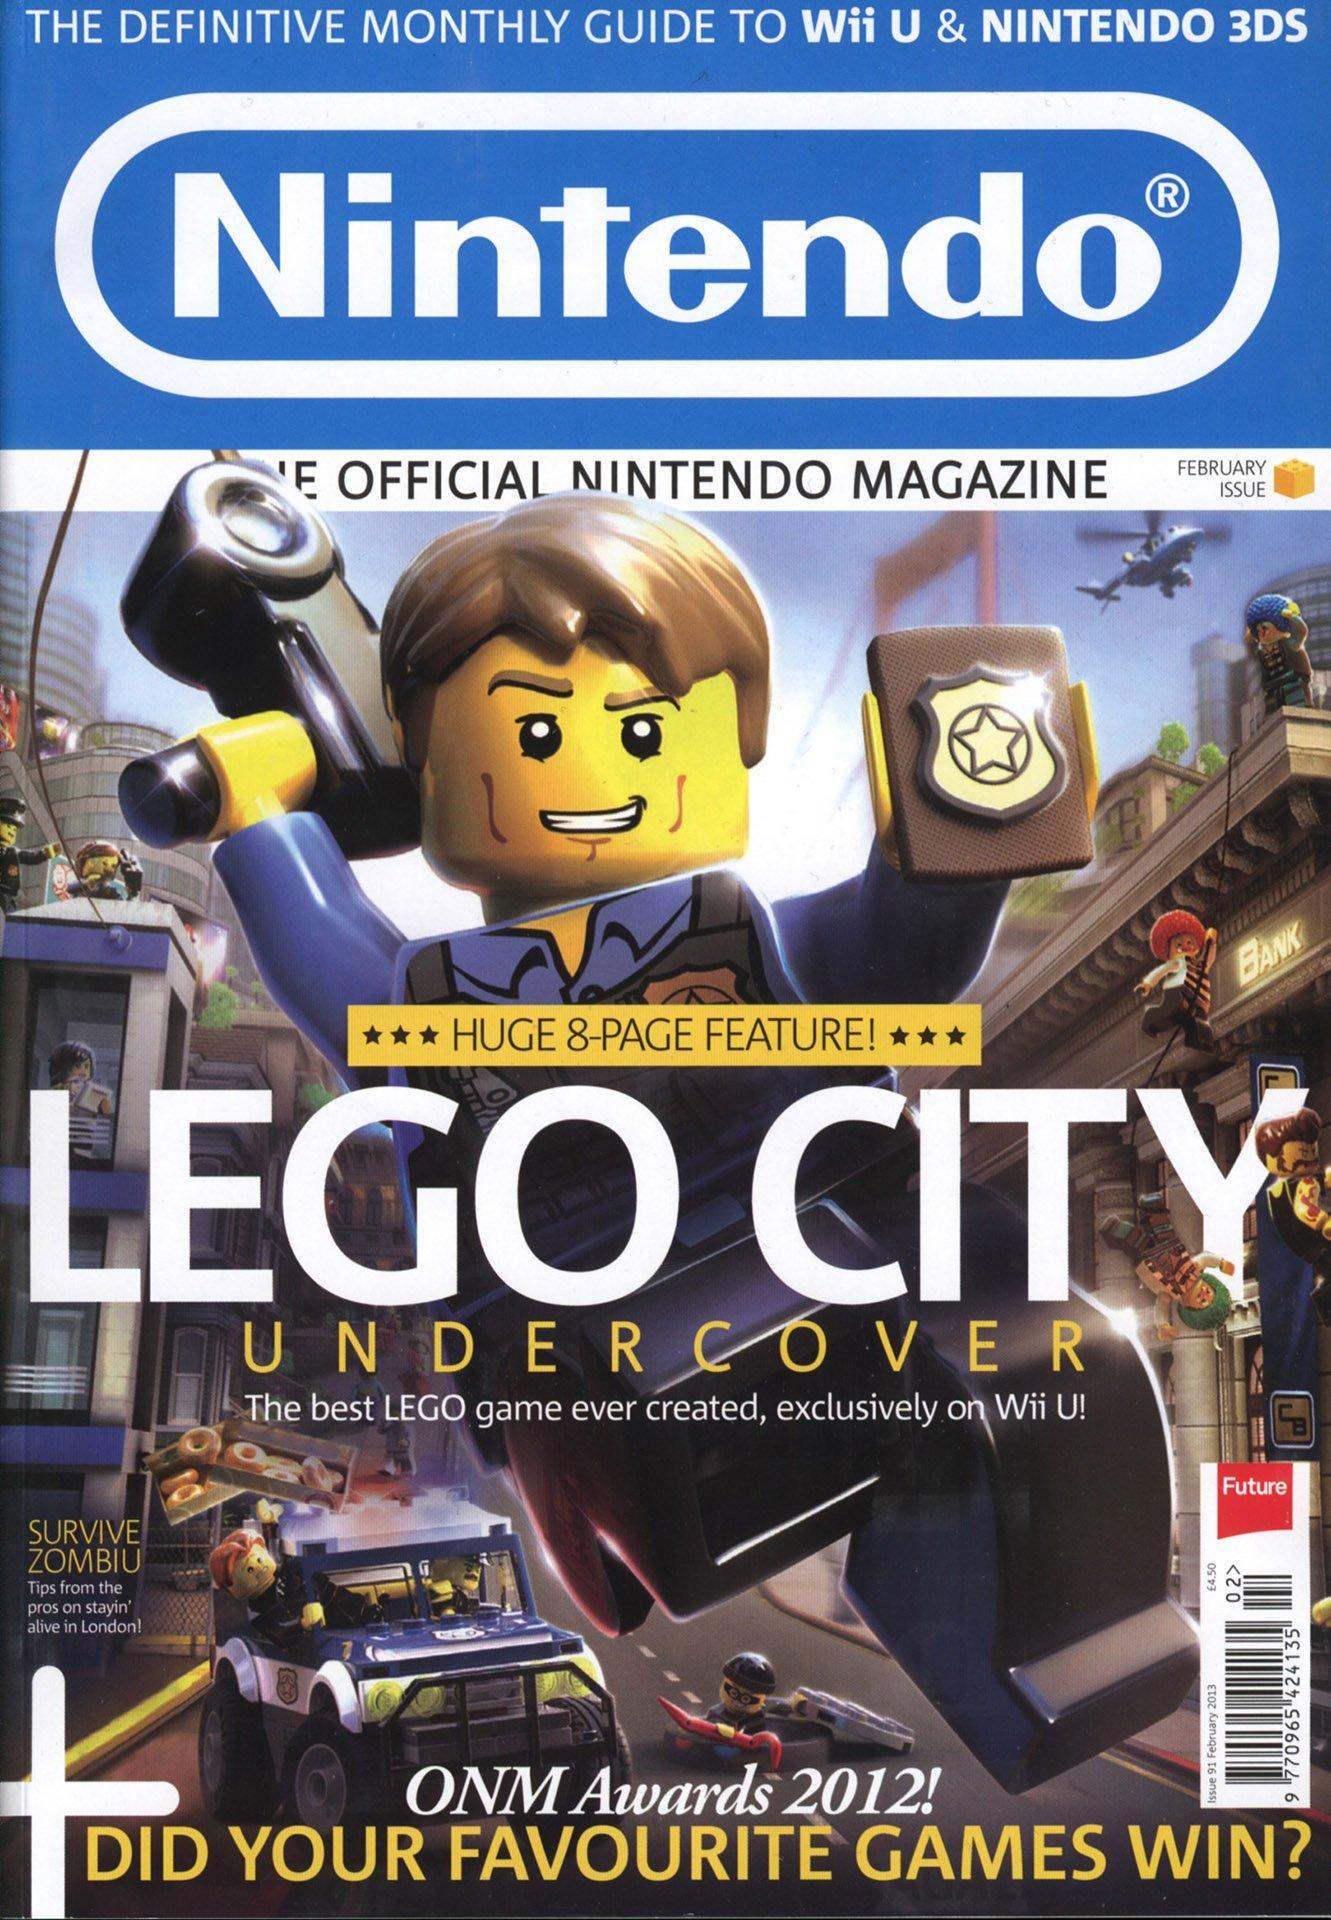 Official Nintendo Magazine 091 (February 2013)